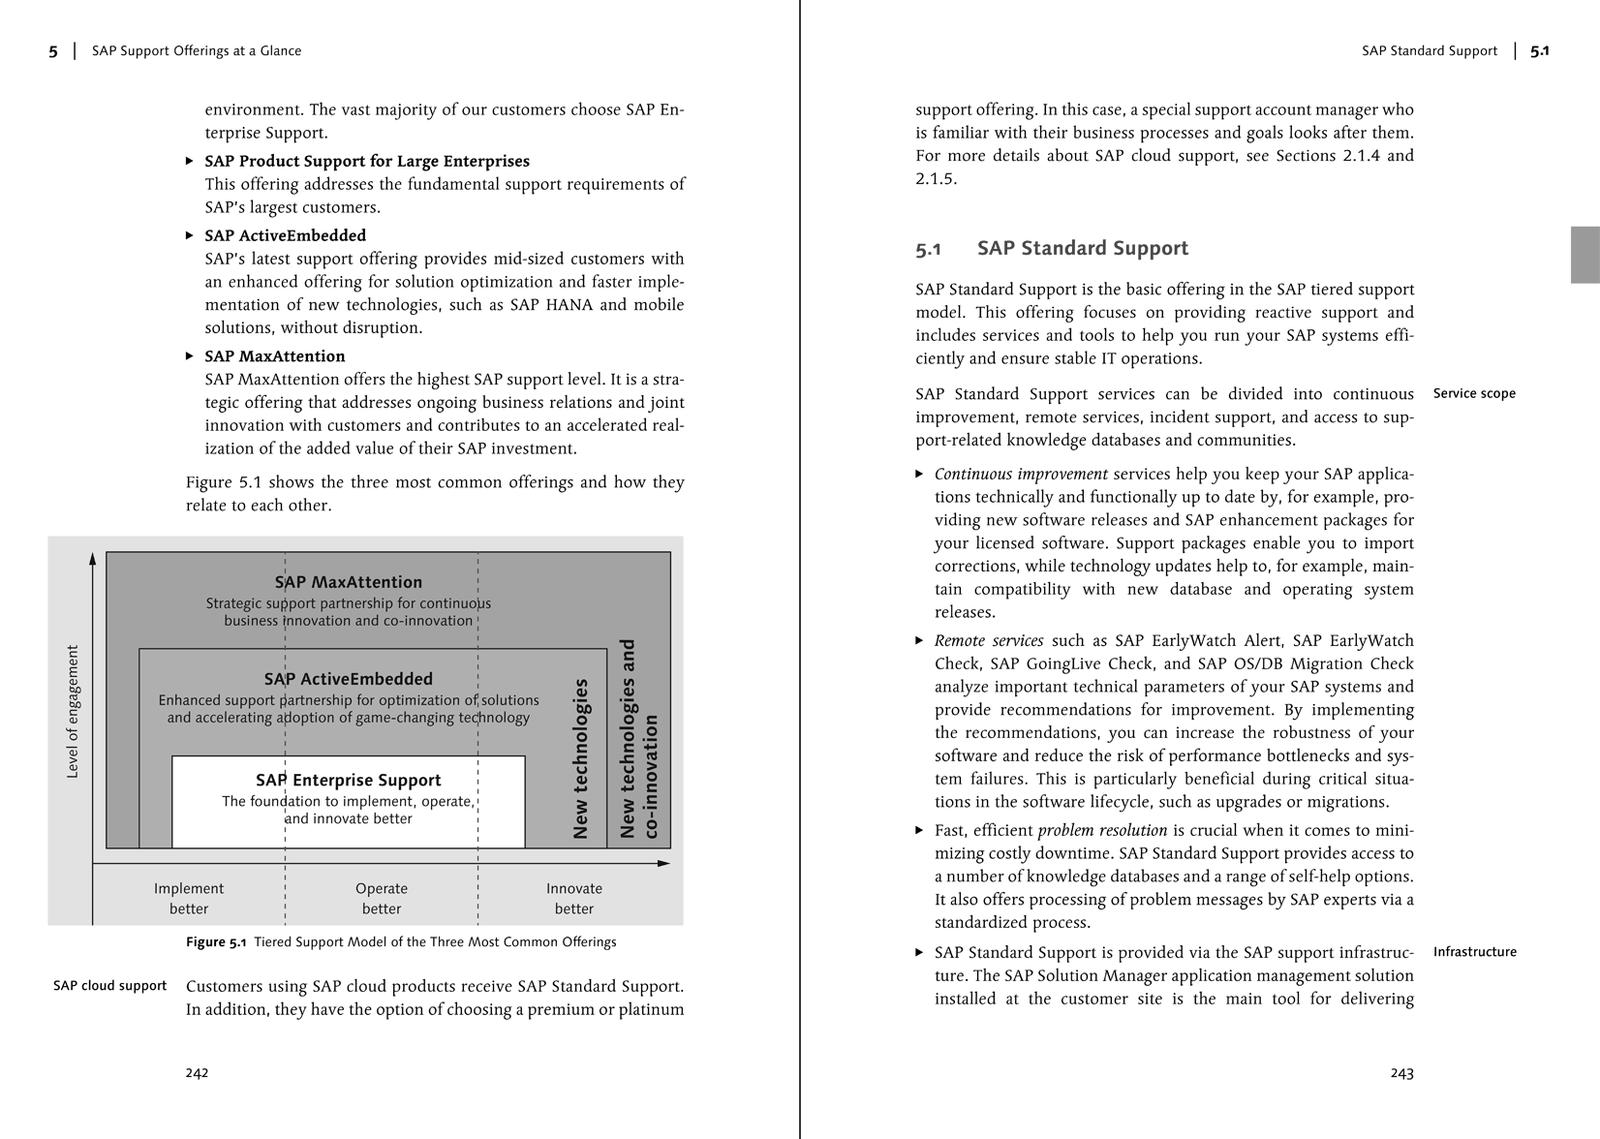 sap press books free download pdf